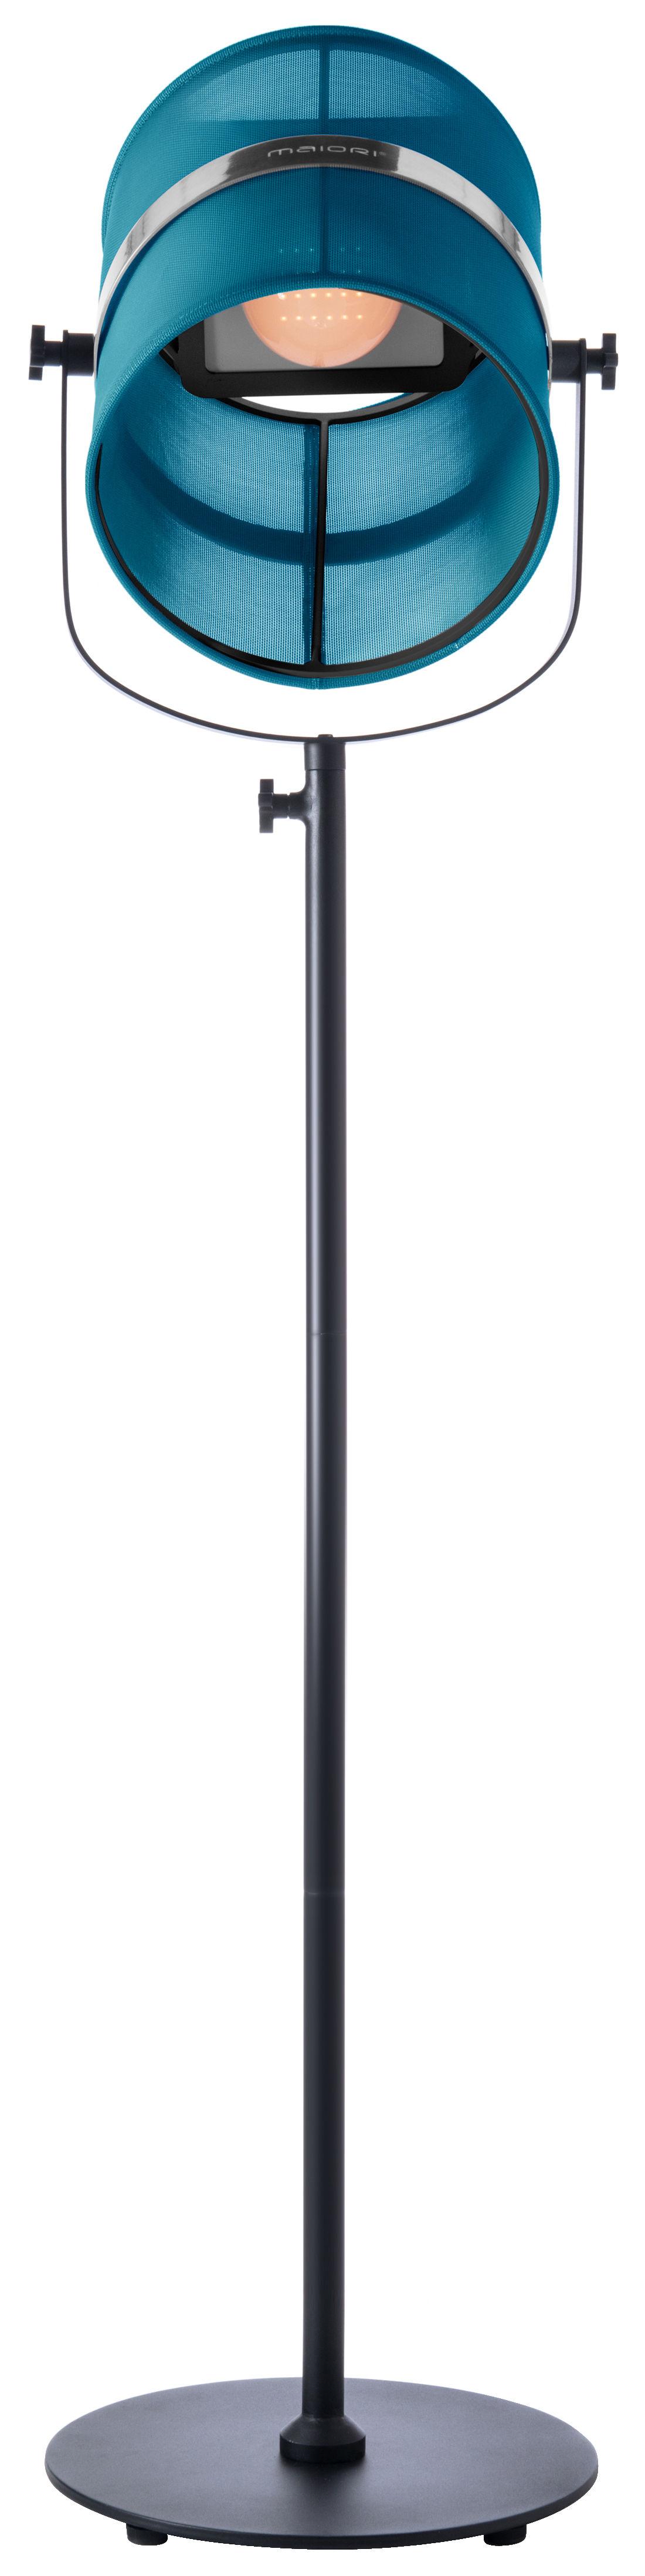 lampadaire solaire la lampe paris led sans fil turquoise pied noir maiori. Black Bedroom Furniture Sets. Home Design Ideas